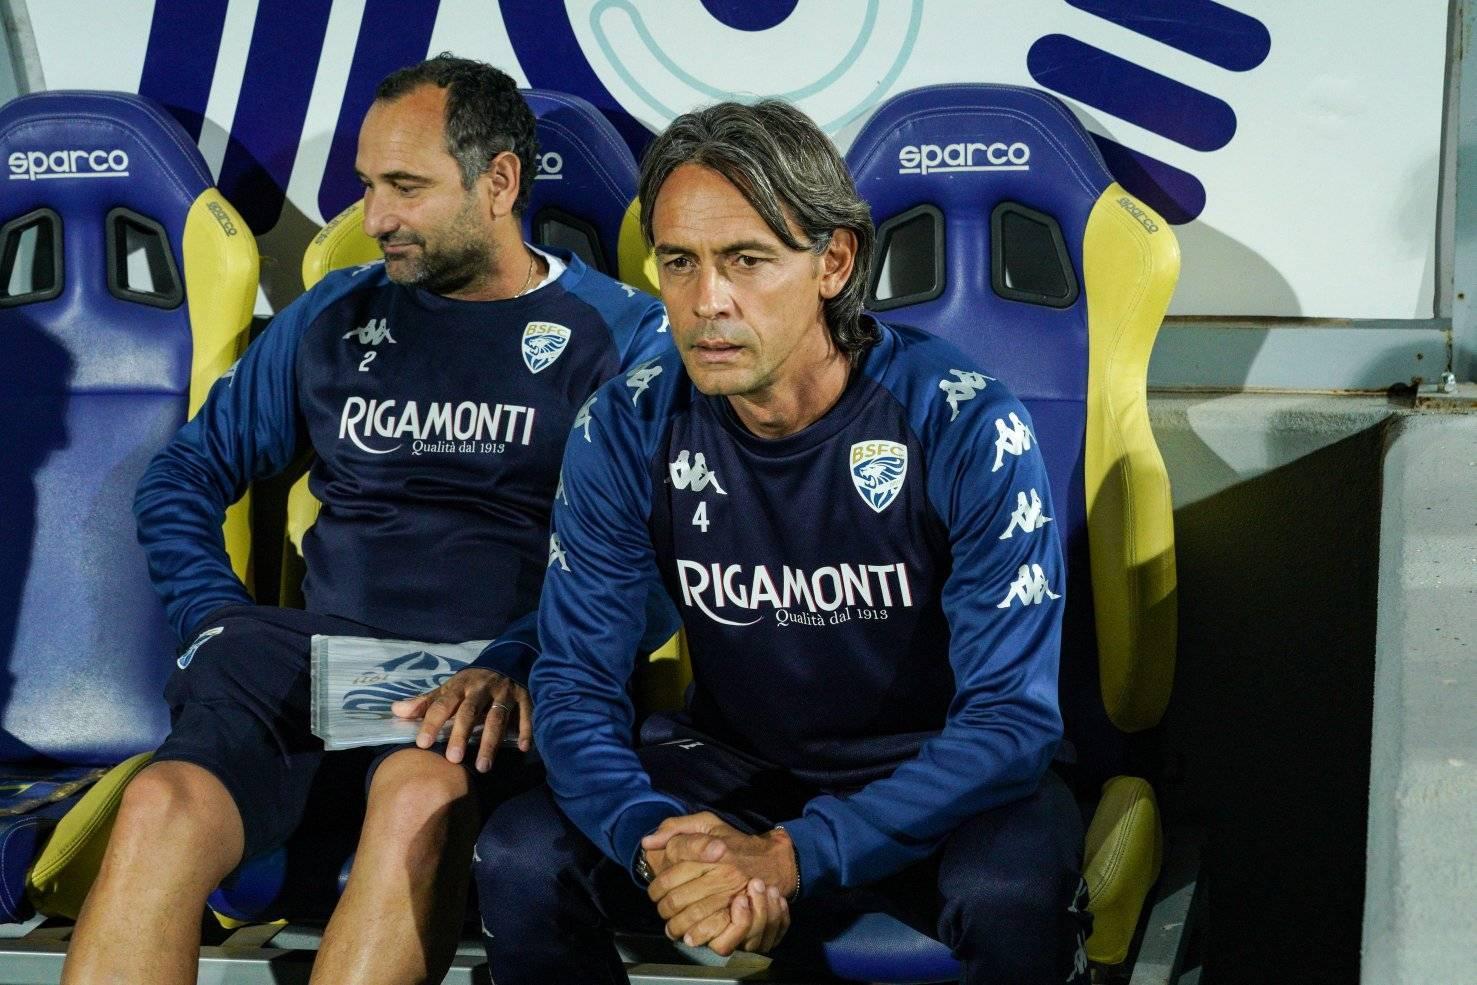 """Inzaghi dopo il pareggio: """"Dobbiamo migliorare, ma il rigore era da fischiare"""""""